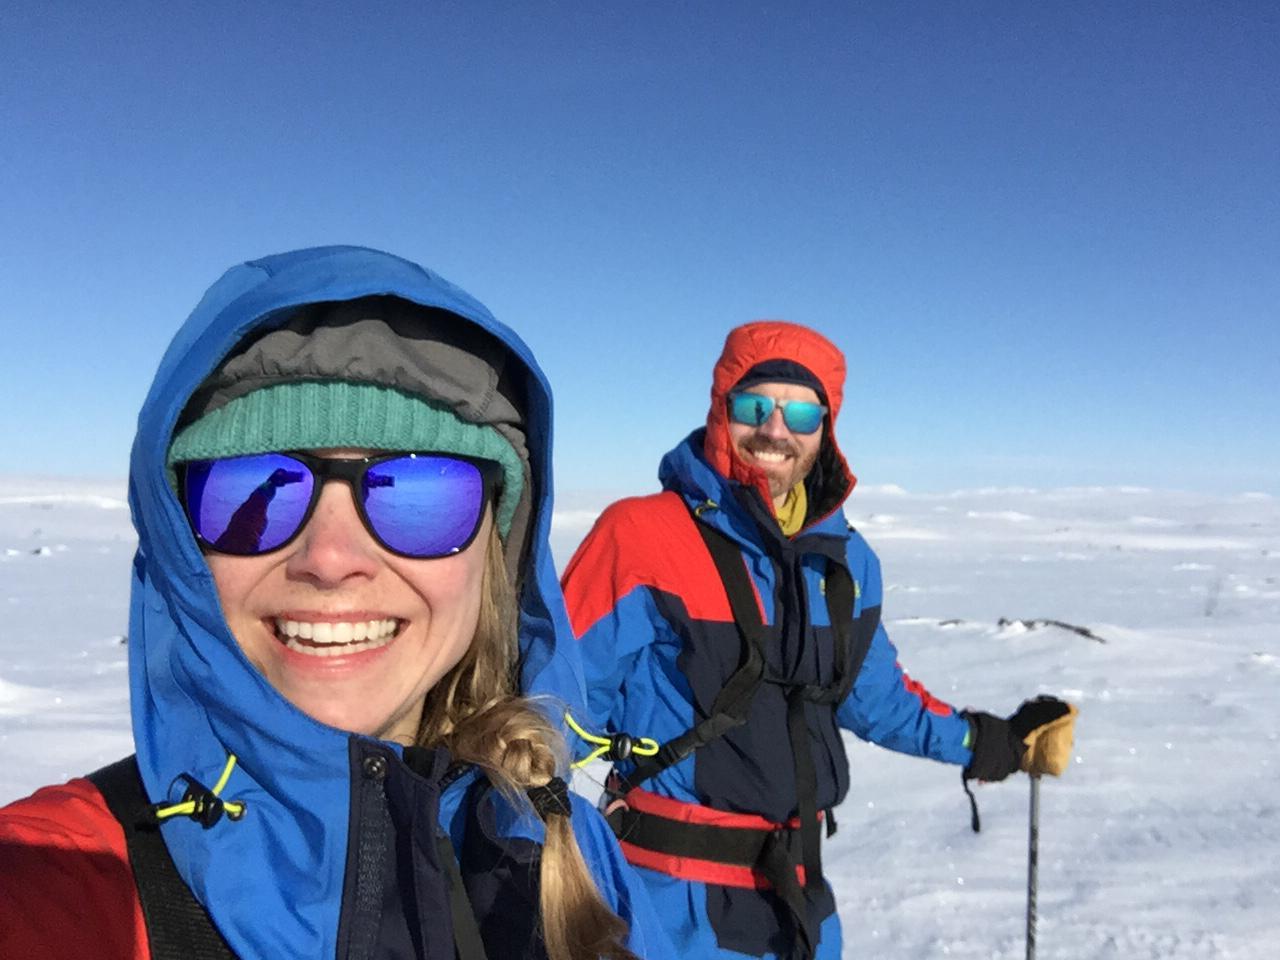 Skiing across the Finnmark Plateau